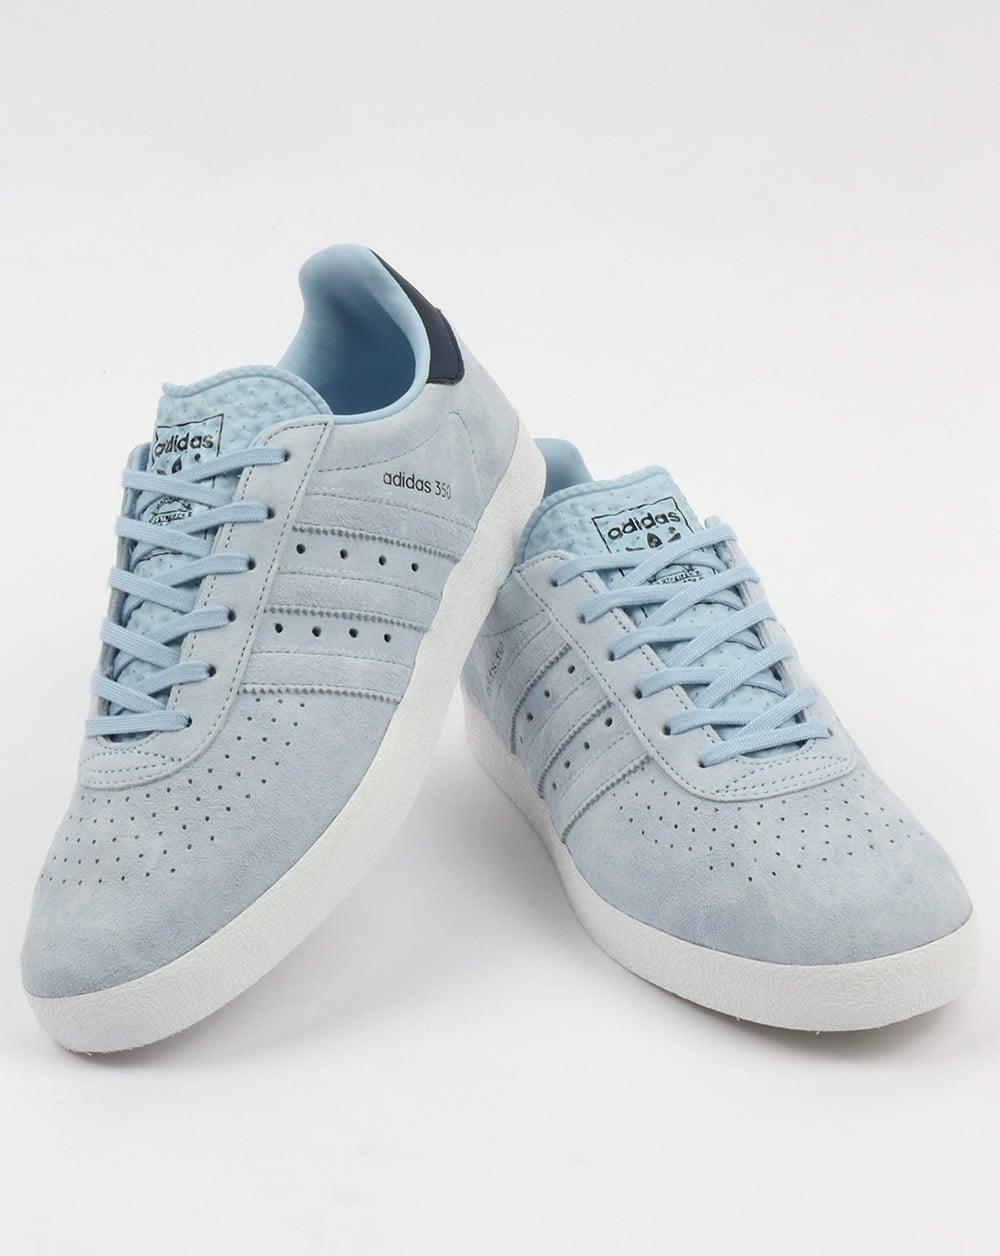 Adidas 350 Trainers Sky Blue Shoes Originals Mens Easy